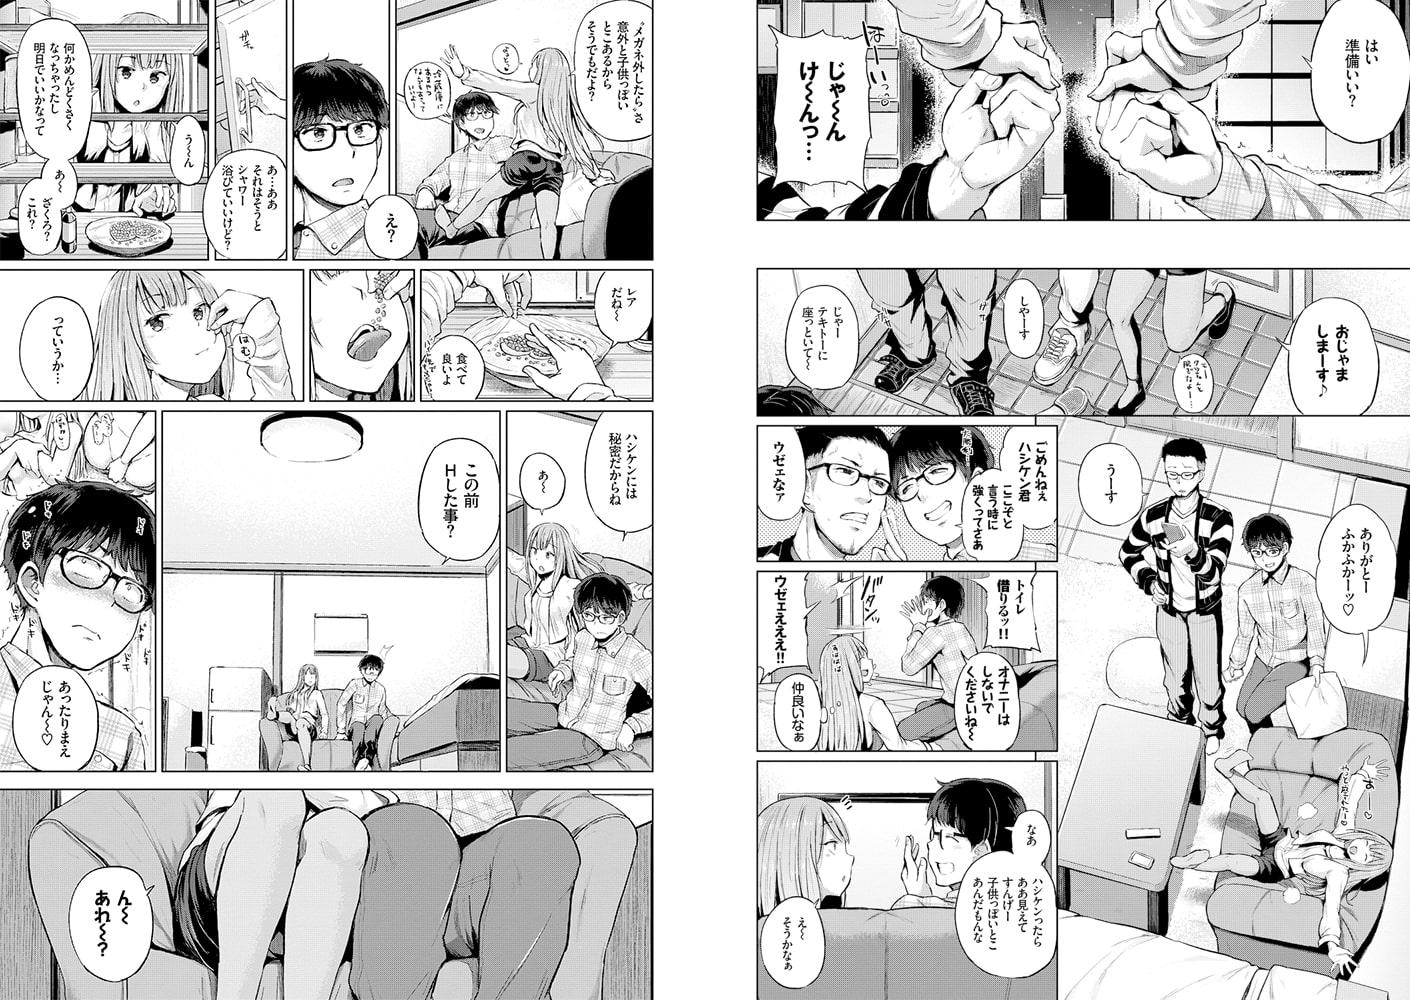 SEX中毒ッ!マジヤバ超絶ビッチ! VOL.6